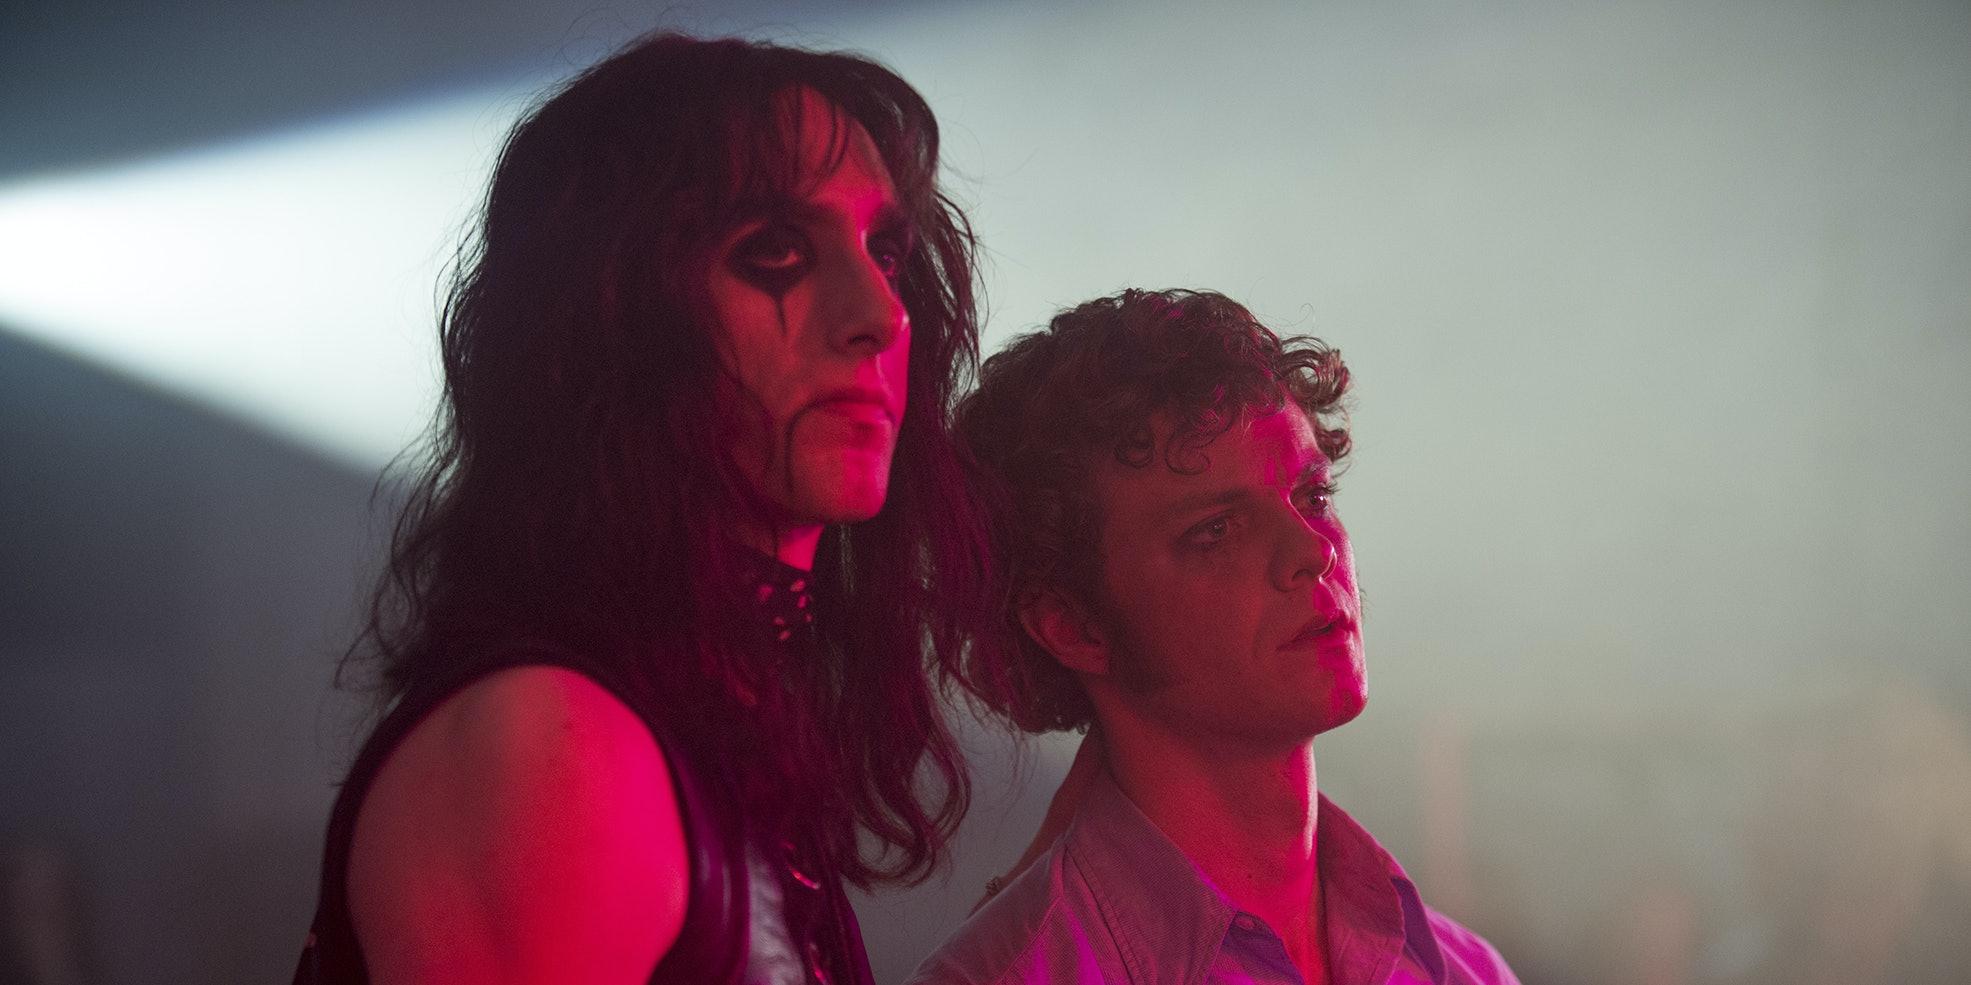 Vinyl, Alice Cooper, Episode 3, HBO